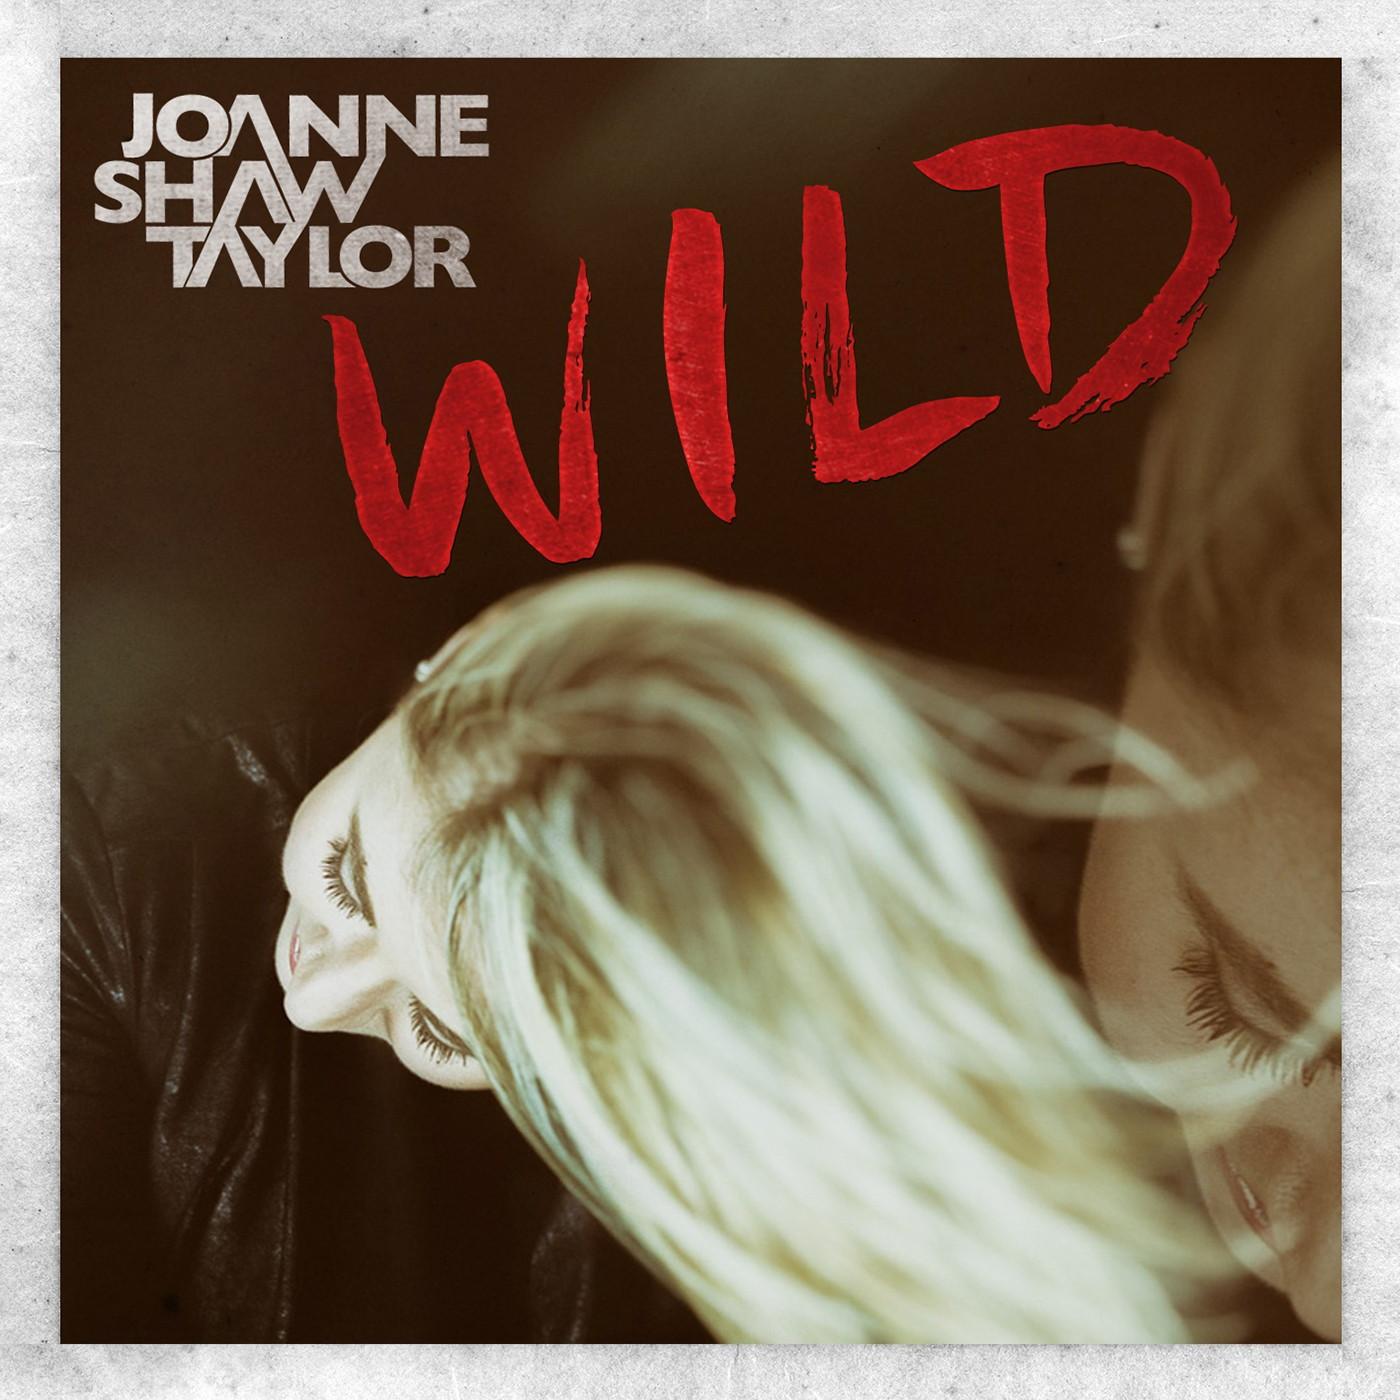 Joanne Shaw Taylor, Wild